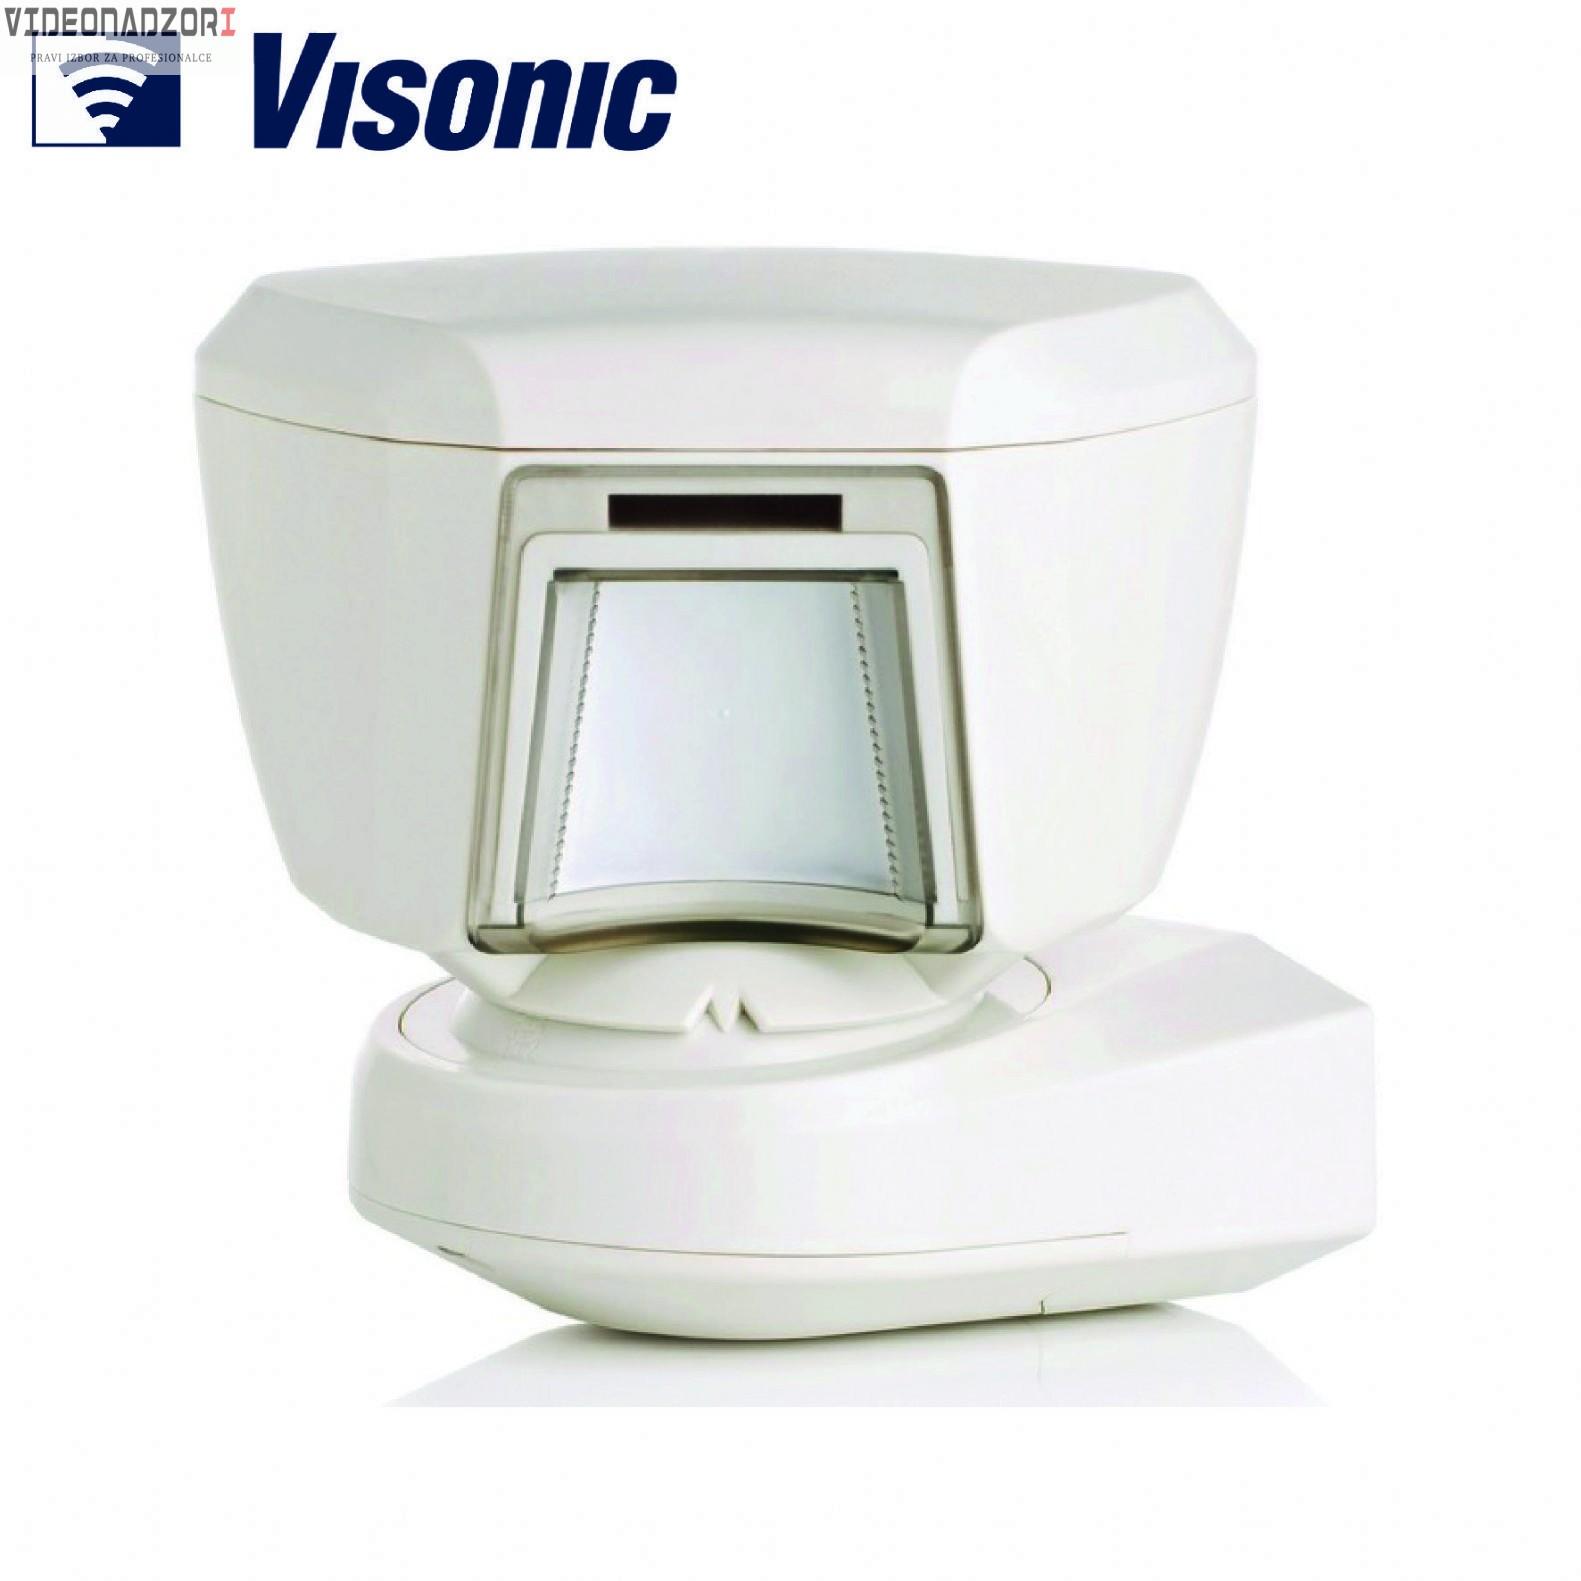 Visonic bežični senzor vanjski TOWER 20 AM MCW prodavac VideoNadzori Hrvatska  za samo 1.748,75kn